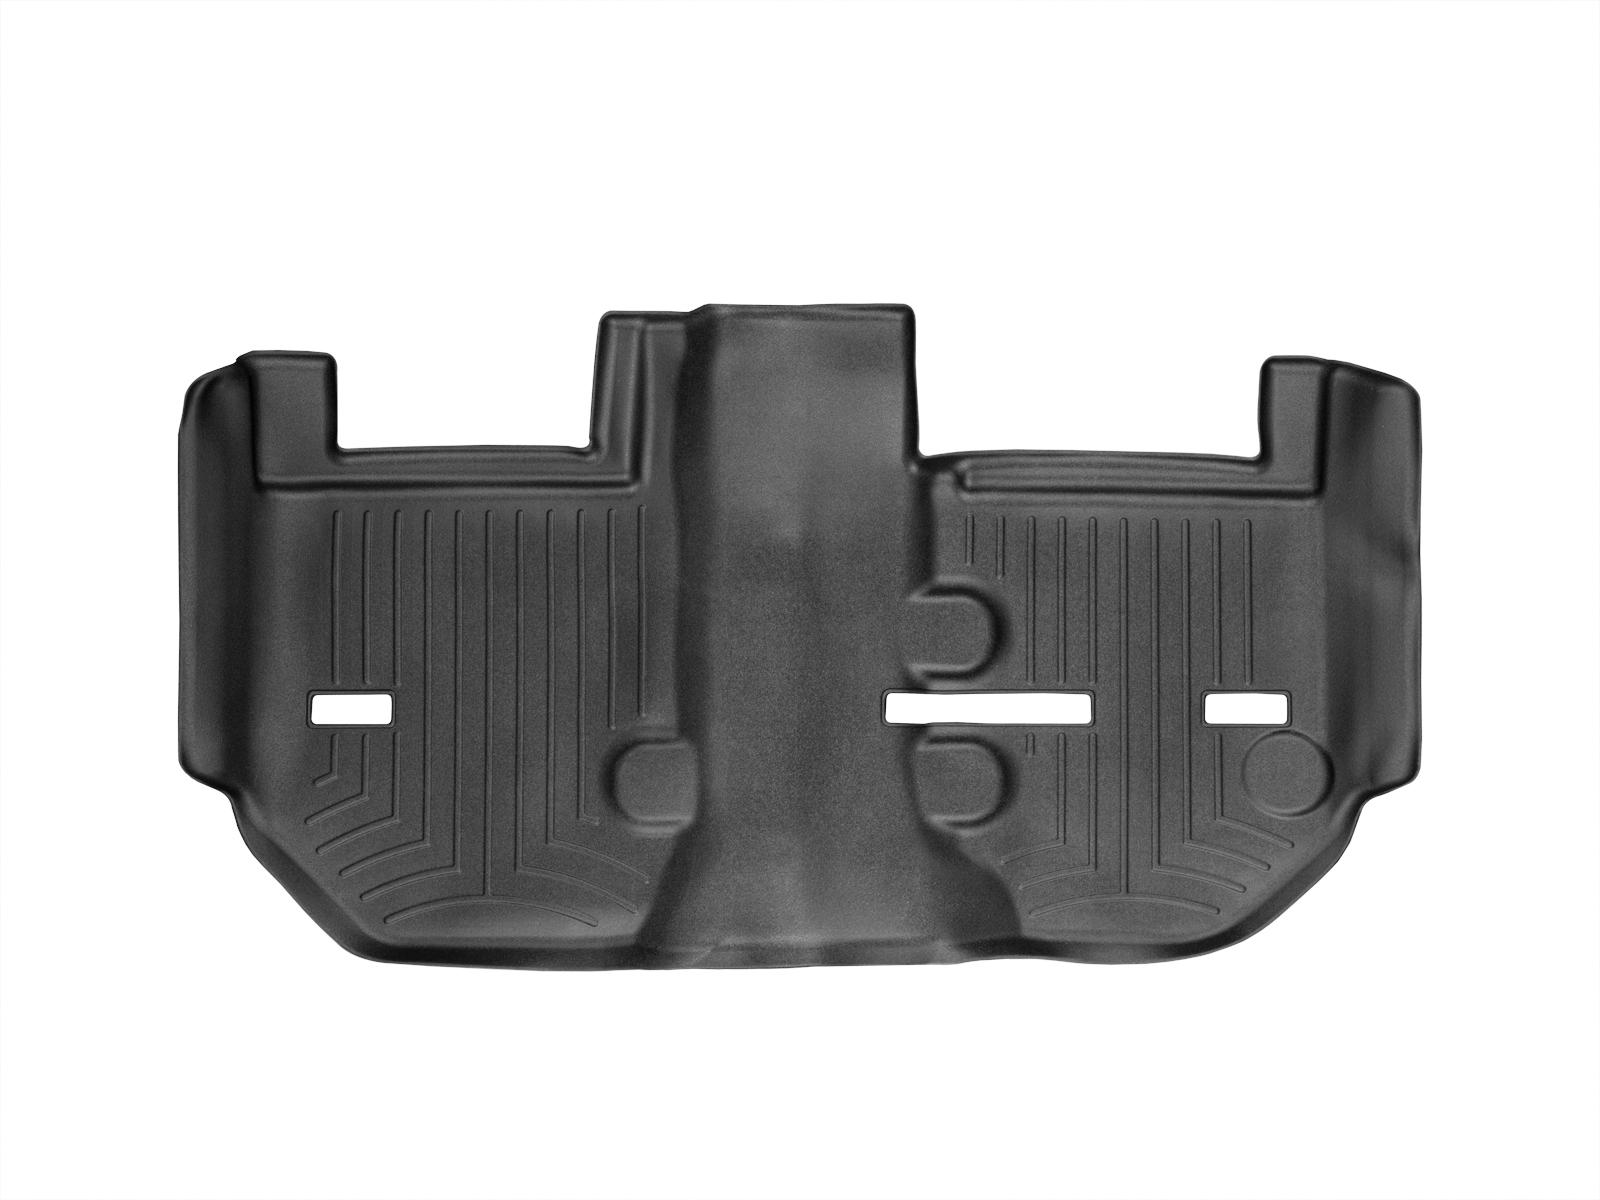 Tappeti gomma su misura bordo alto Cadillac Escalade ESV 11>14 Nero A68*